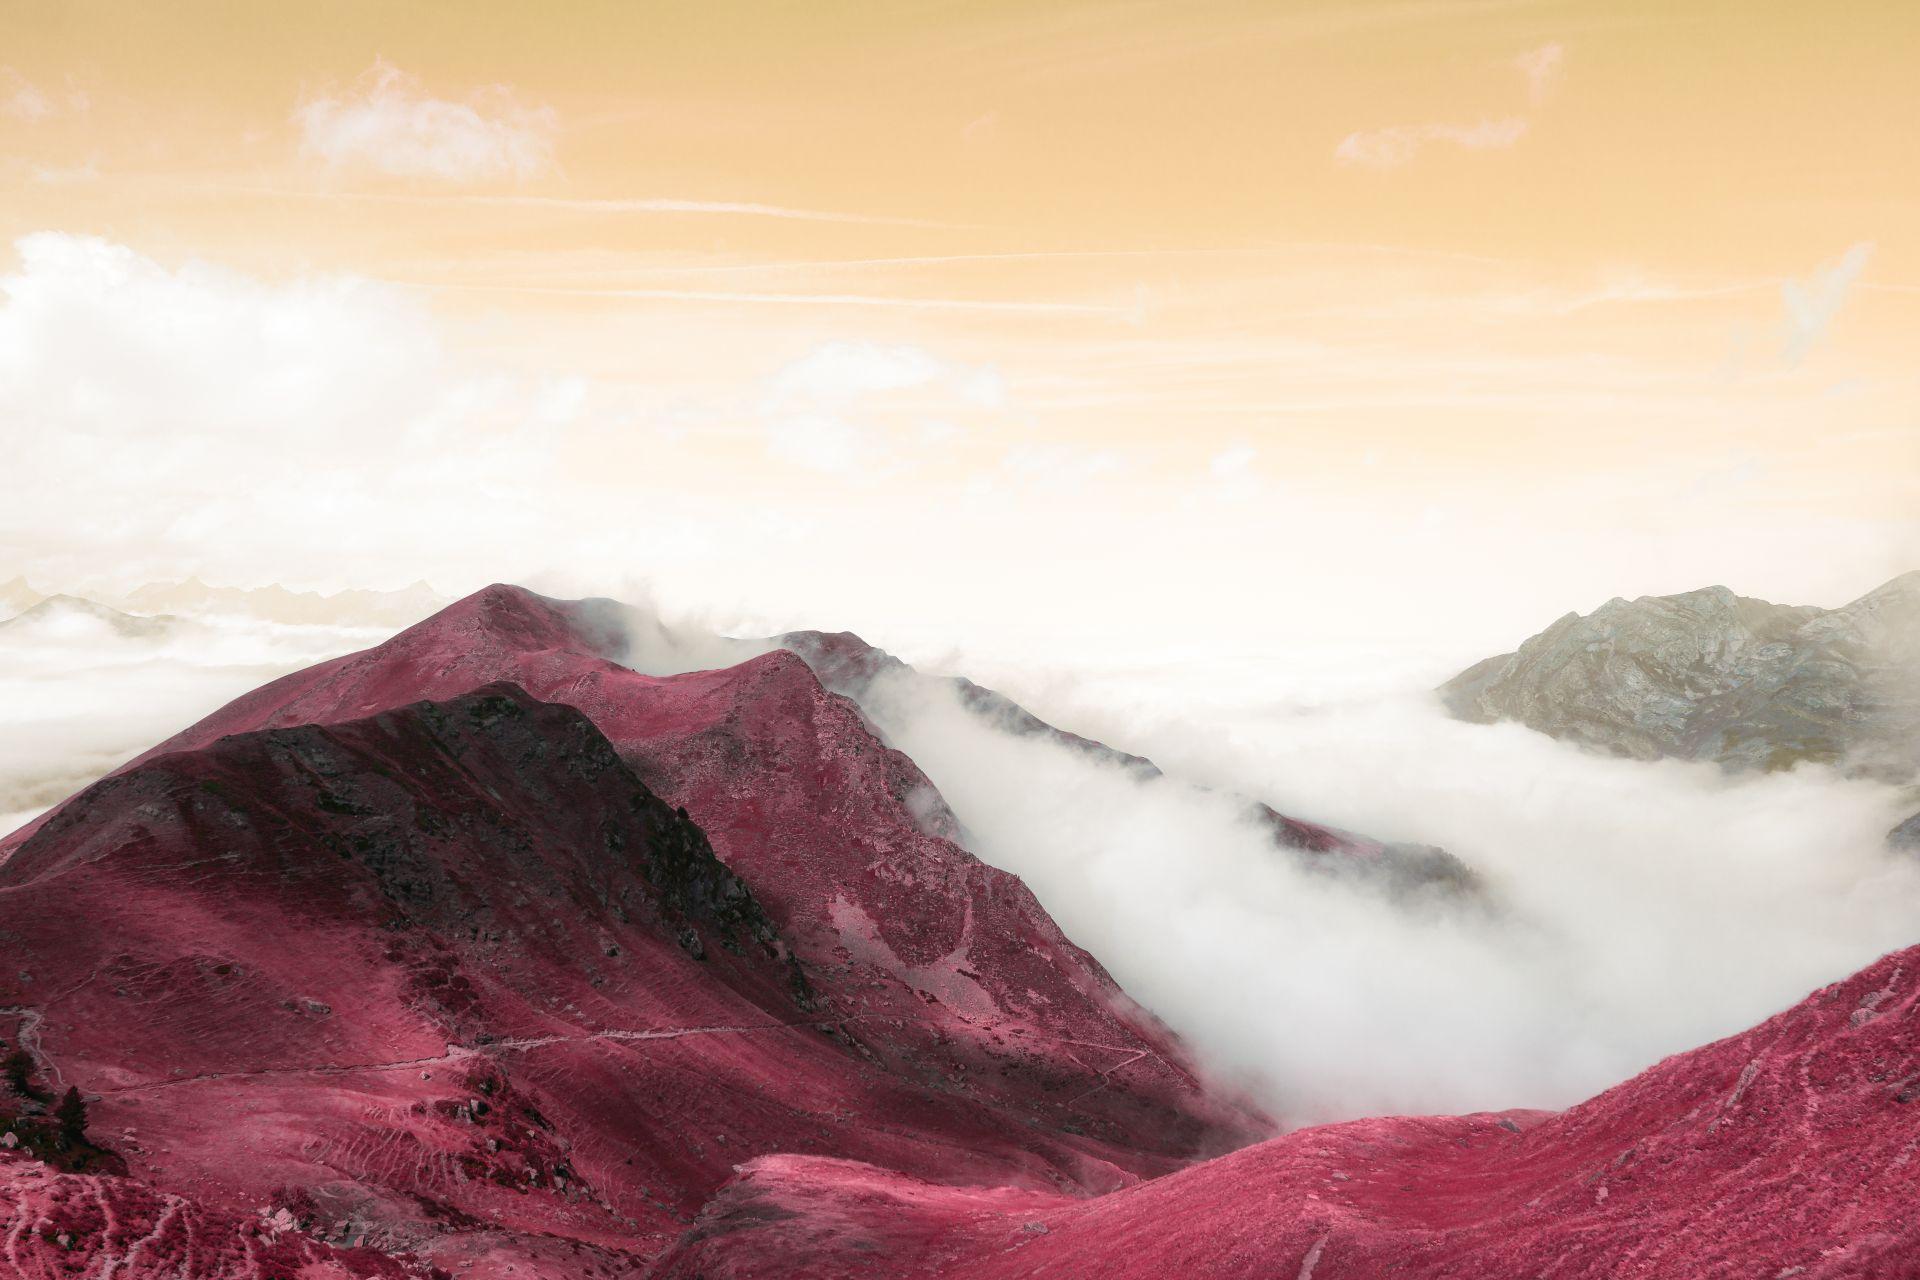 Les voyages Fantasmés de Yohan Chardey. Le  style graphique et coloré du jeu No Man Sky a été une source d'inspiration pour la série  « Ici et Ailleurs ».